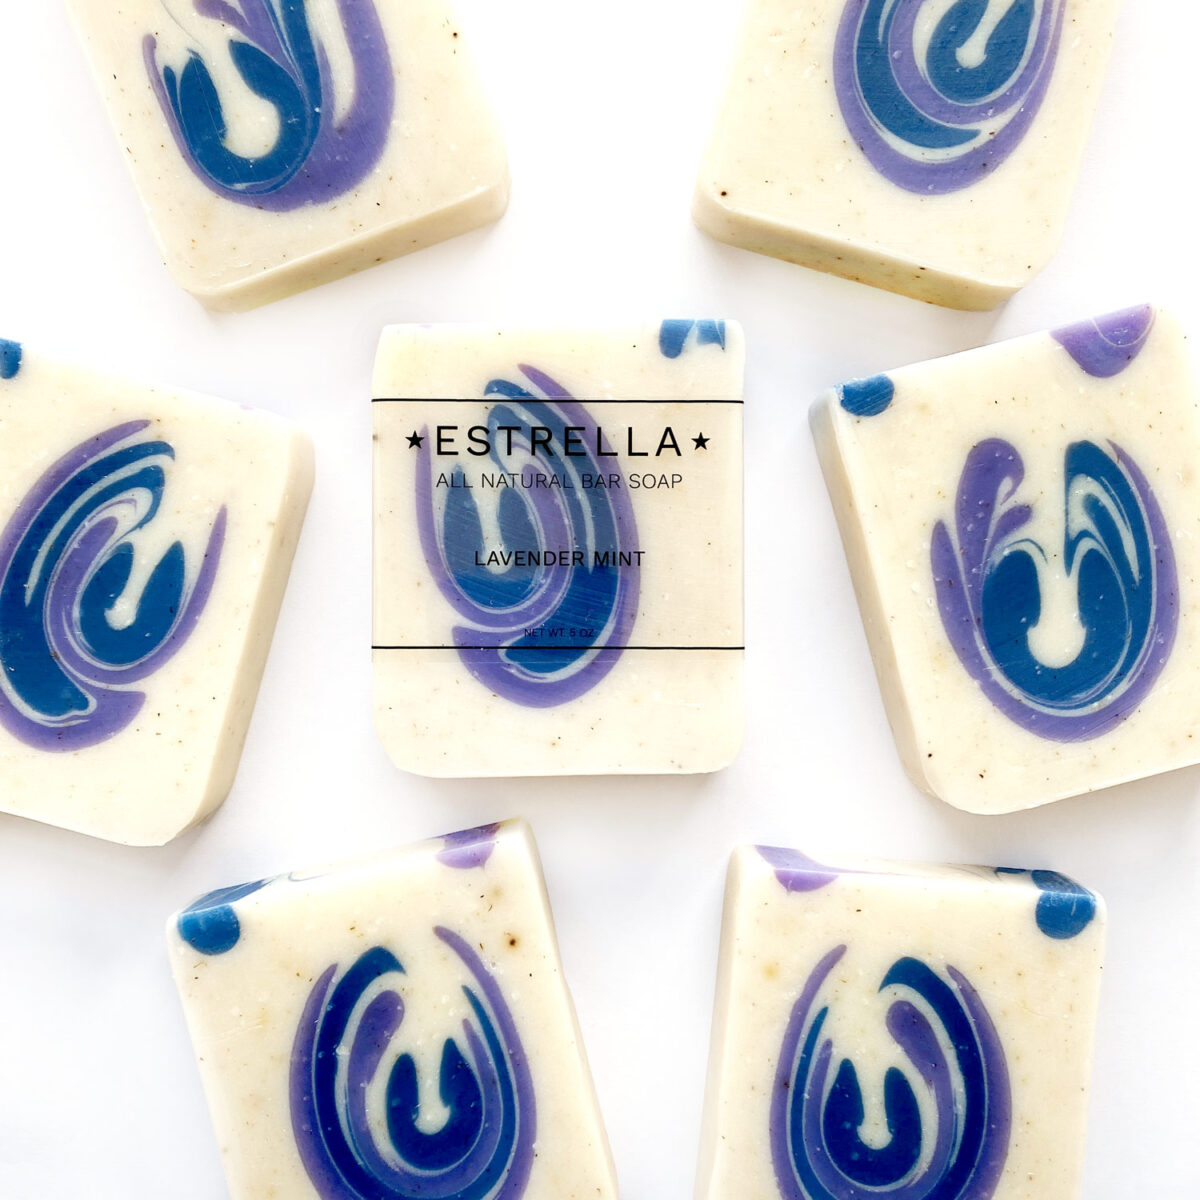 Lavender-Mint-Soap-2021